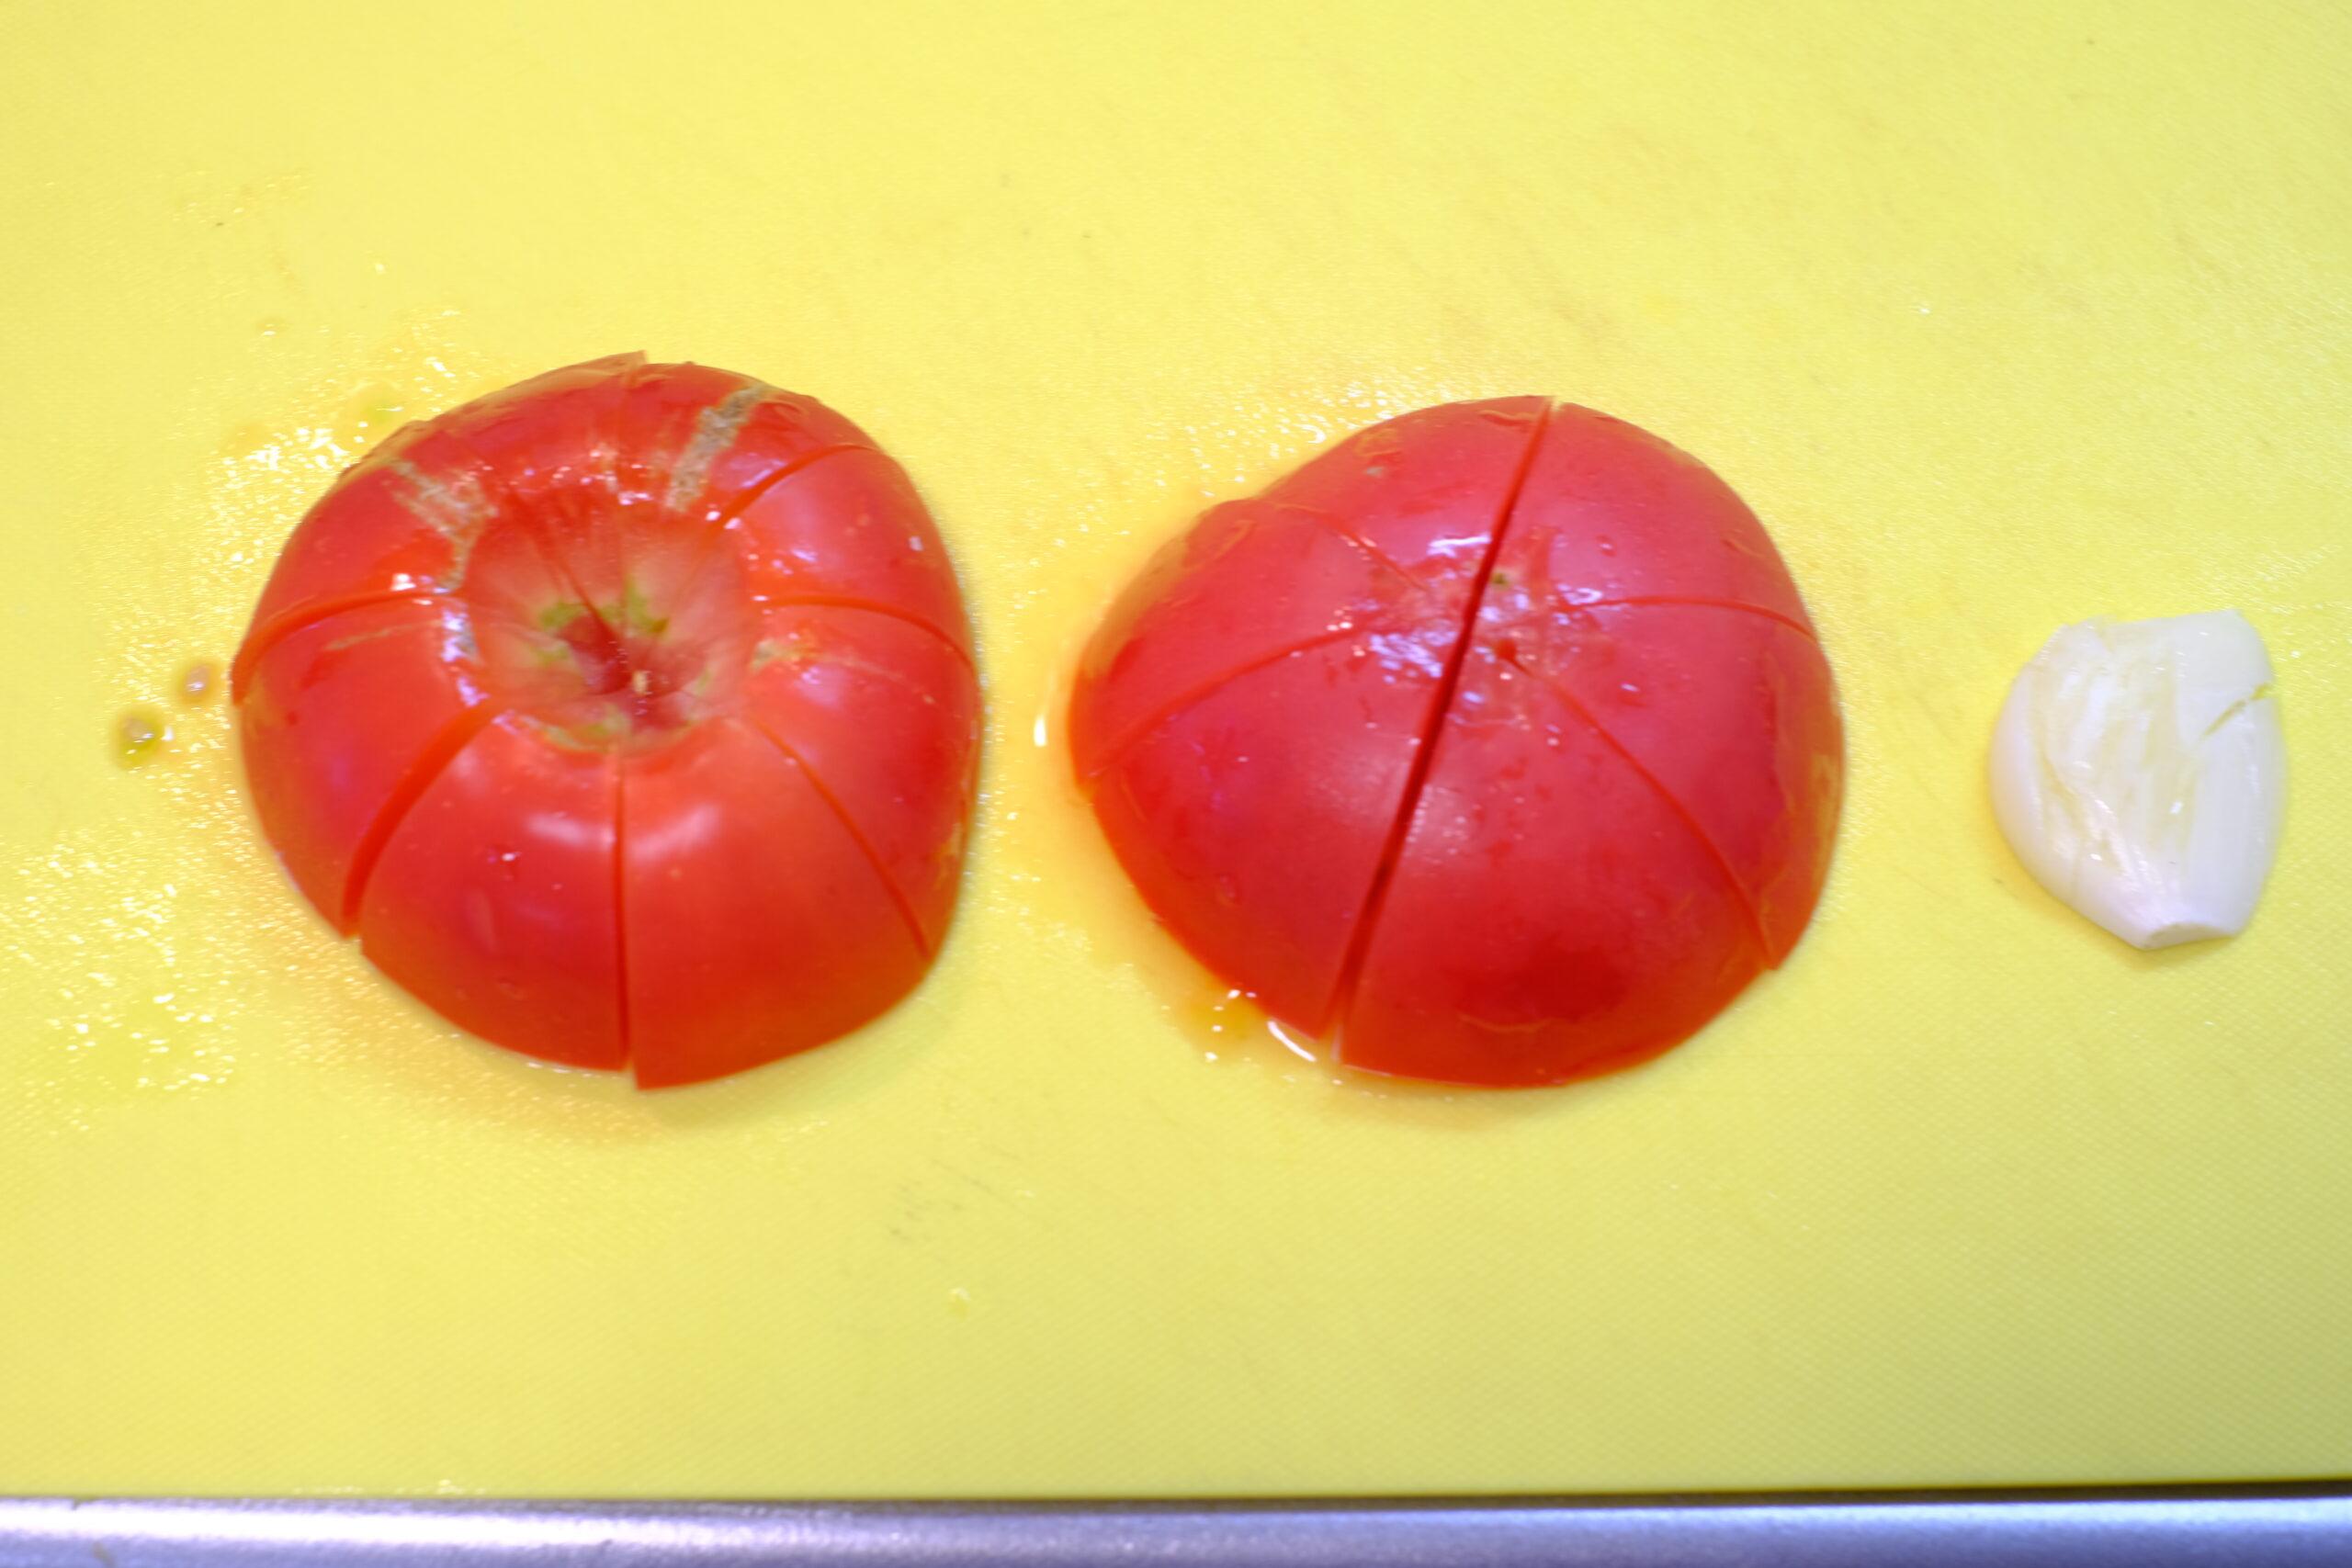 カットしたトマトと潰したニンニクの画像